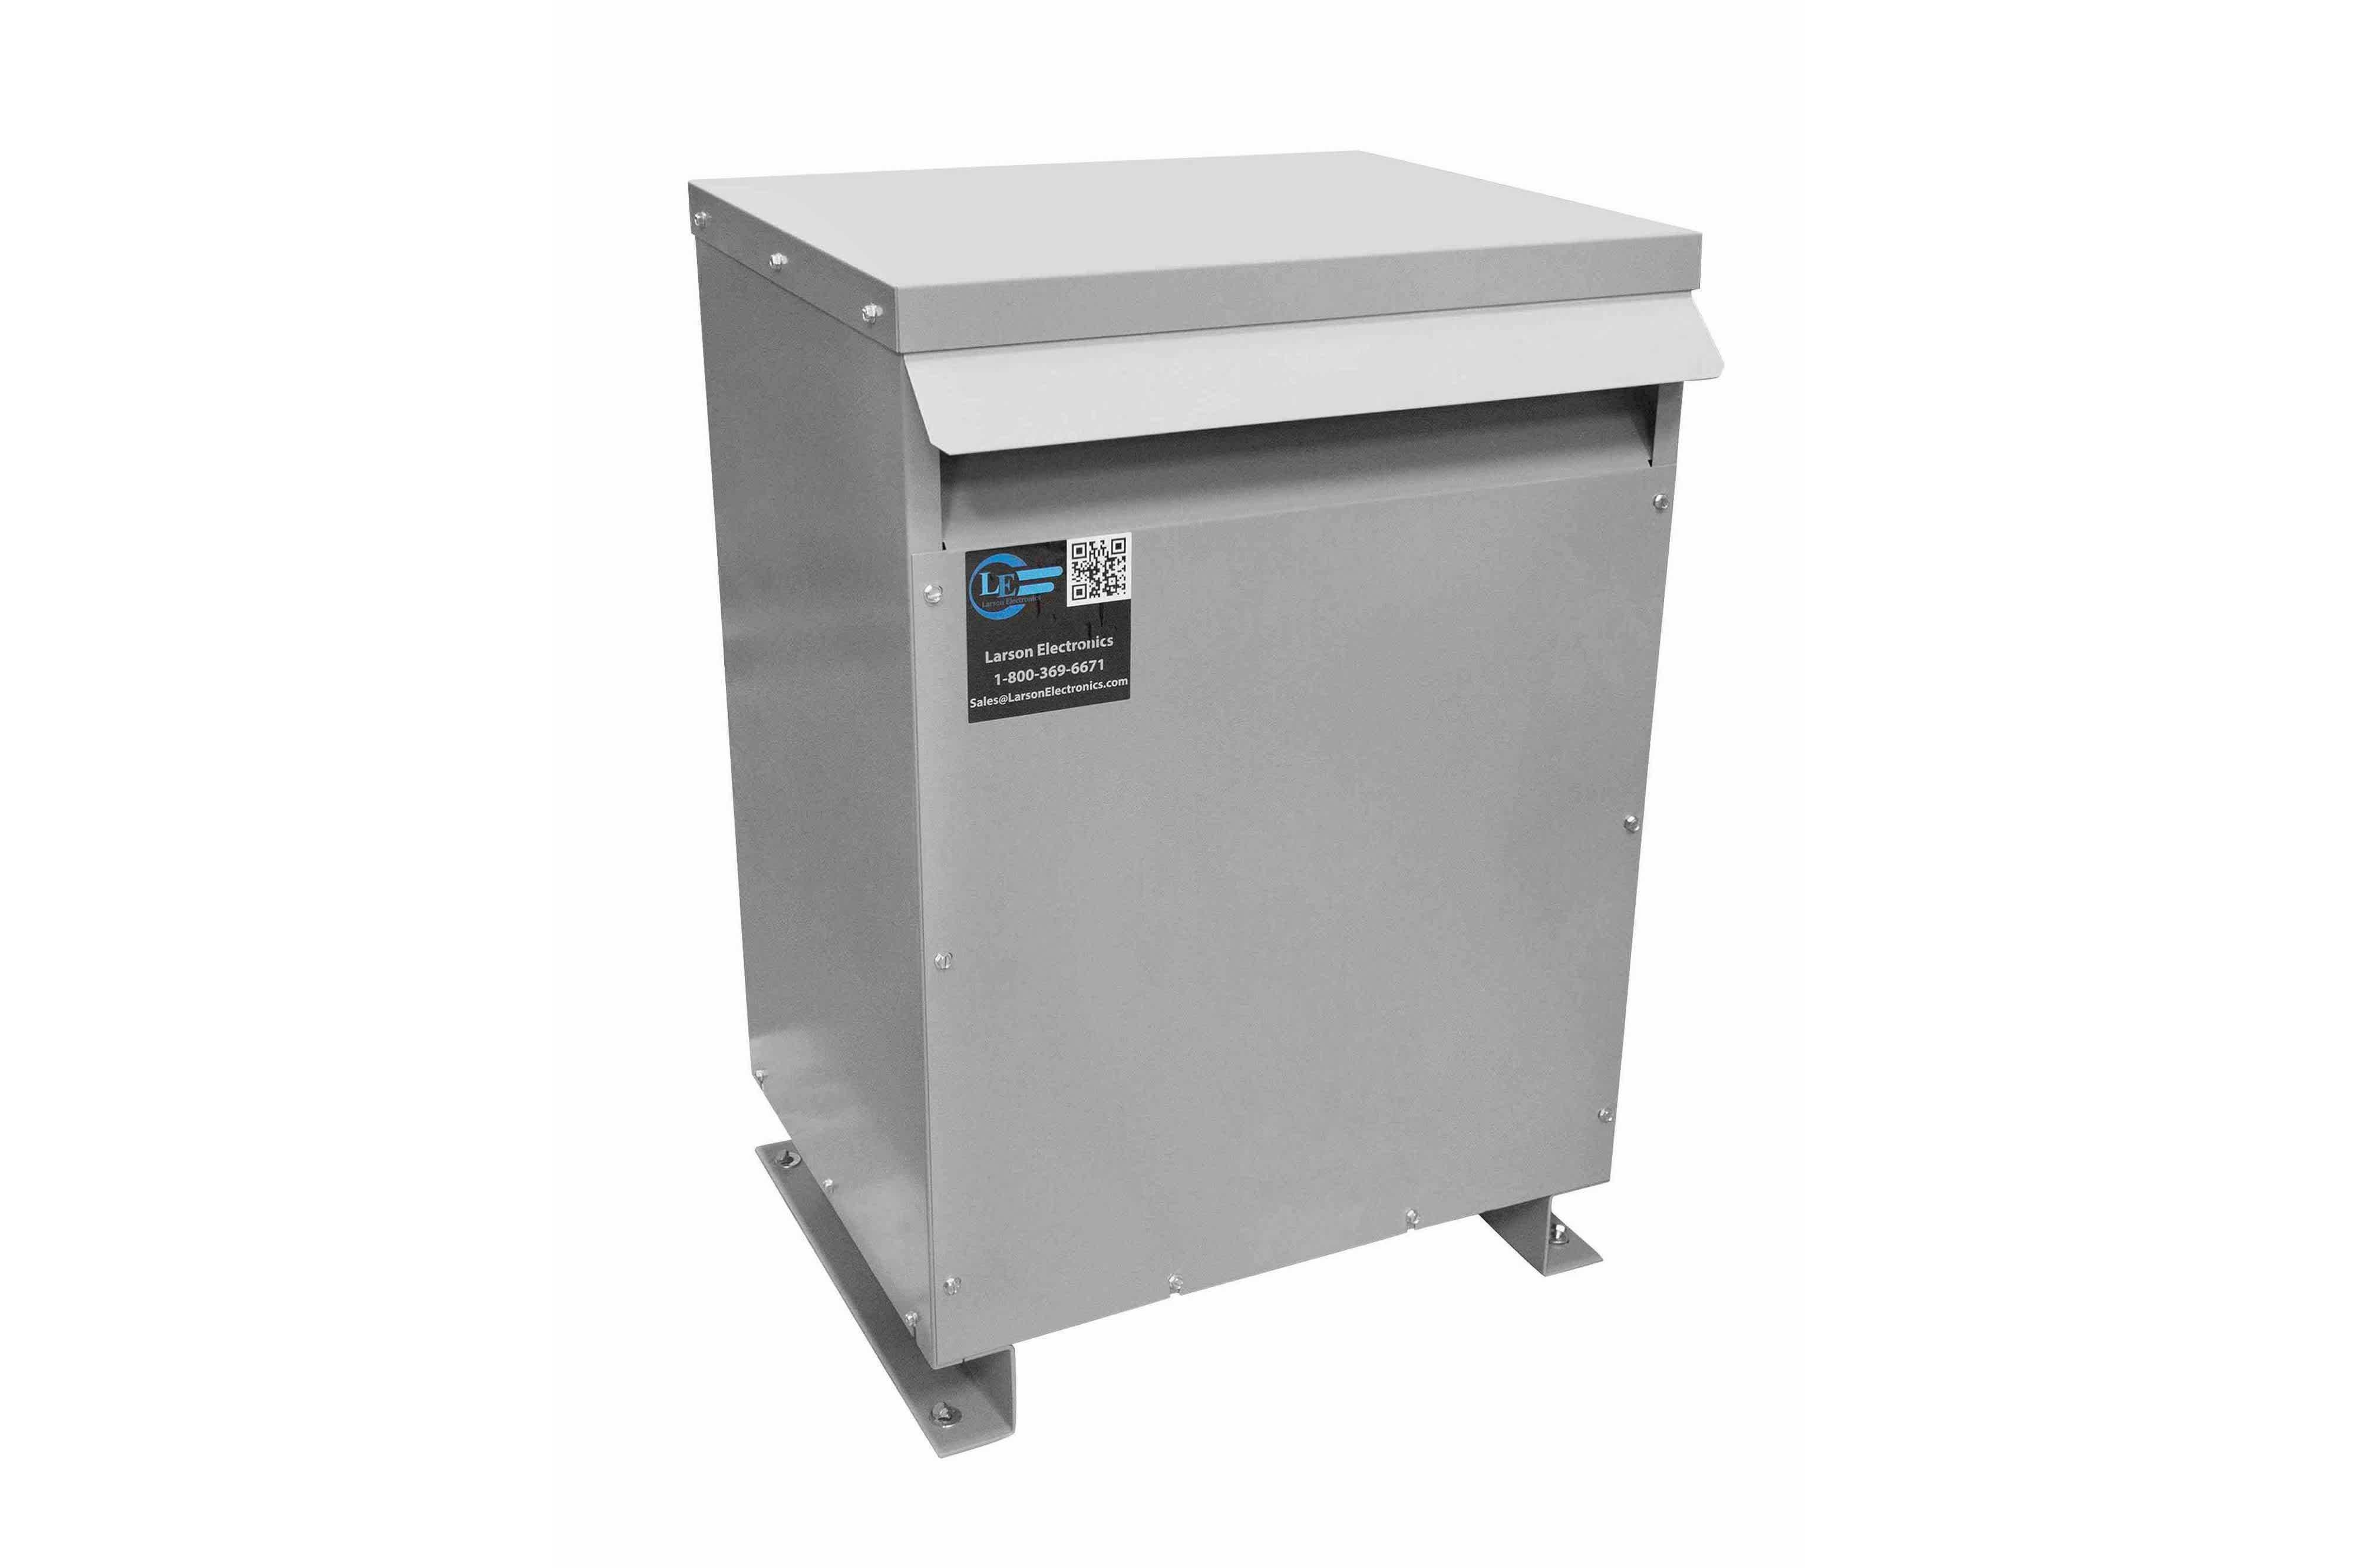 125 kVA 3PH Isolation Transformer, 380V Delta Primary, 600V Delta Secondary, N3R, Ventilated, 60 Hz